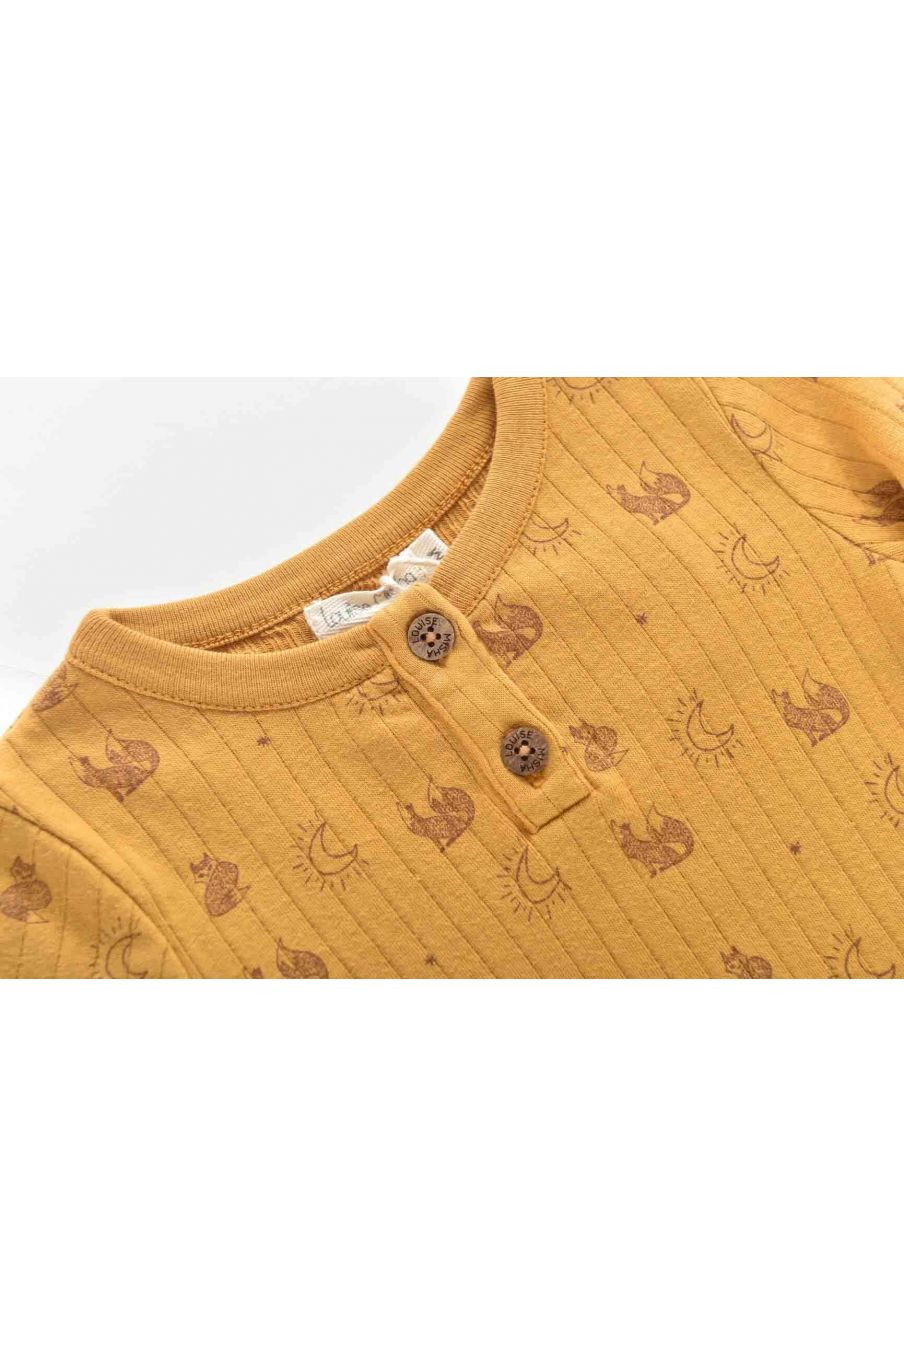 tee shirt bebe garcon apoli mustard fox - louise misha